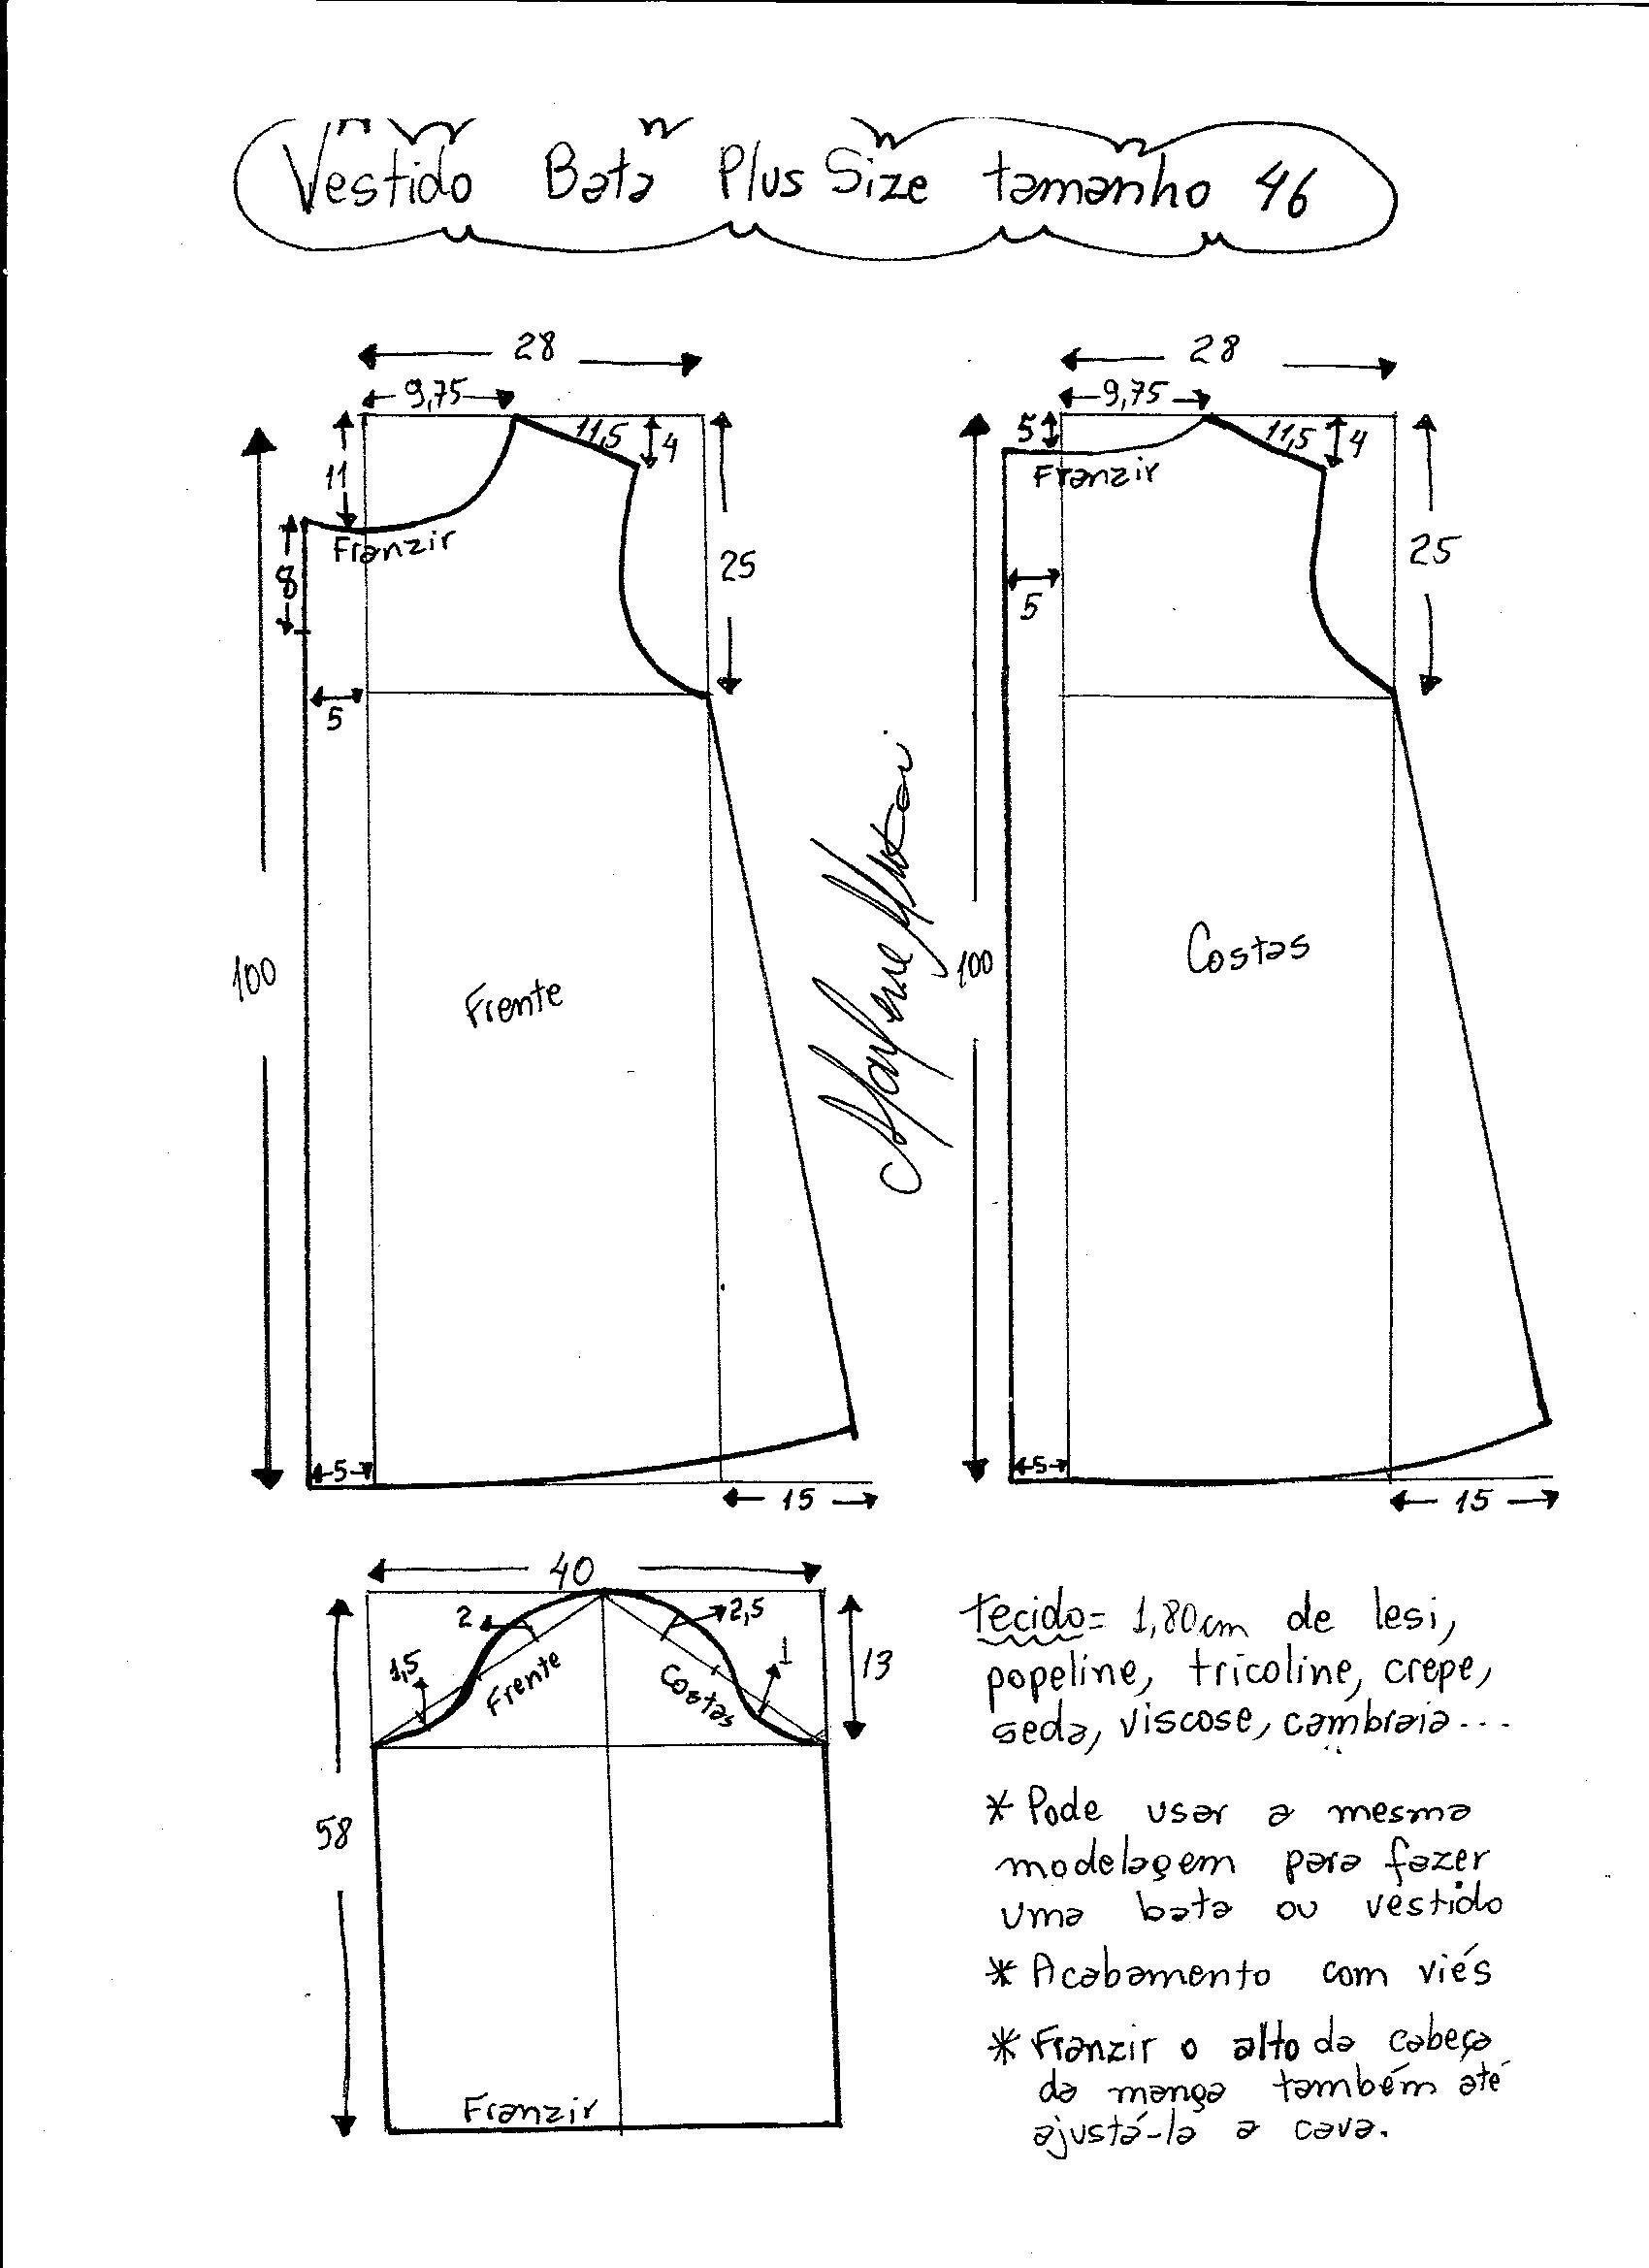 Pin de Reyna Lara en Patrones | Pinterest | Costura, Moldes y Vestidos